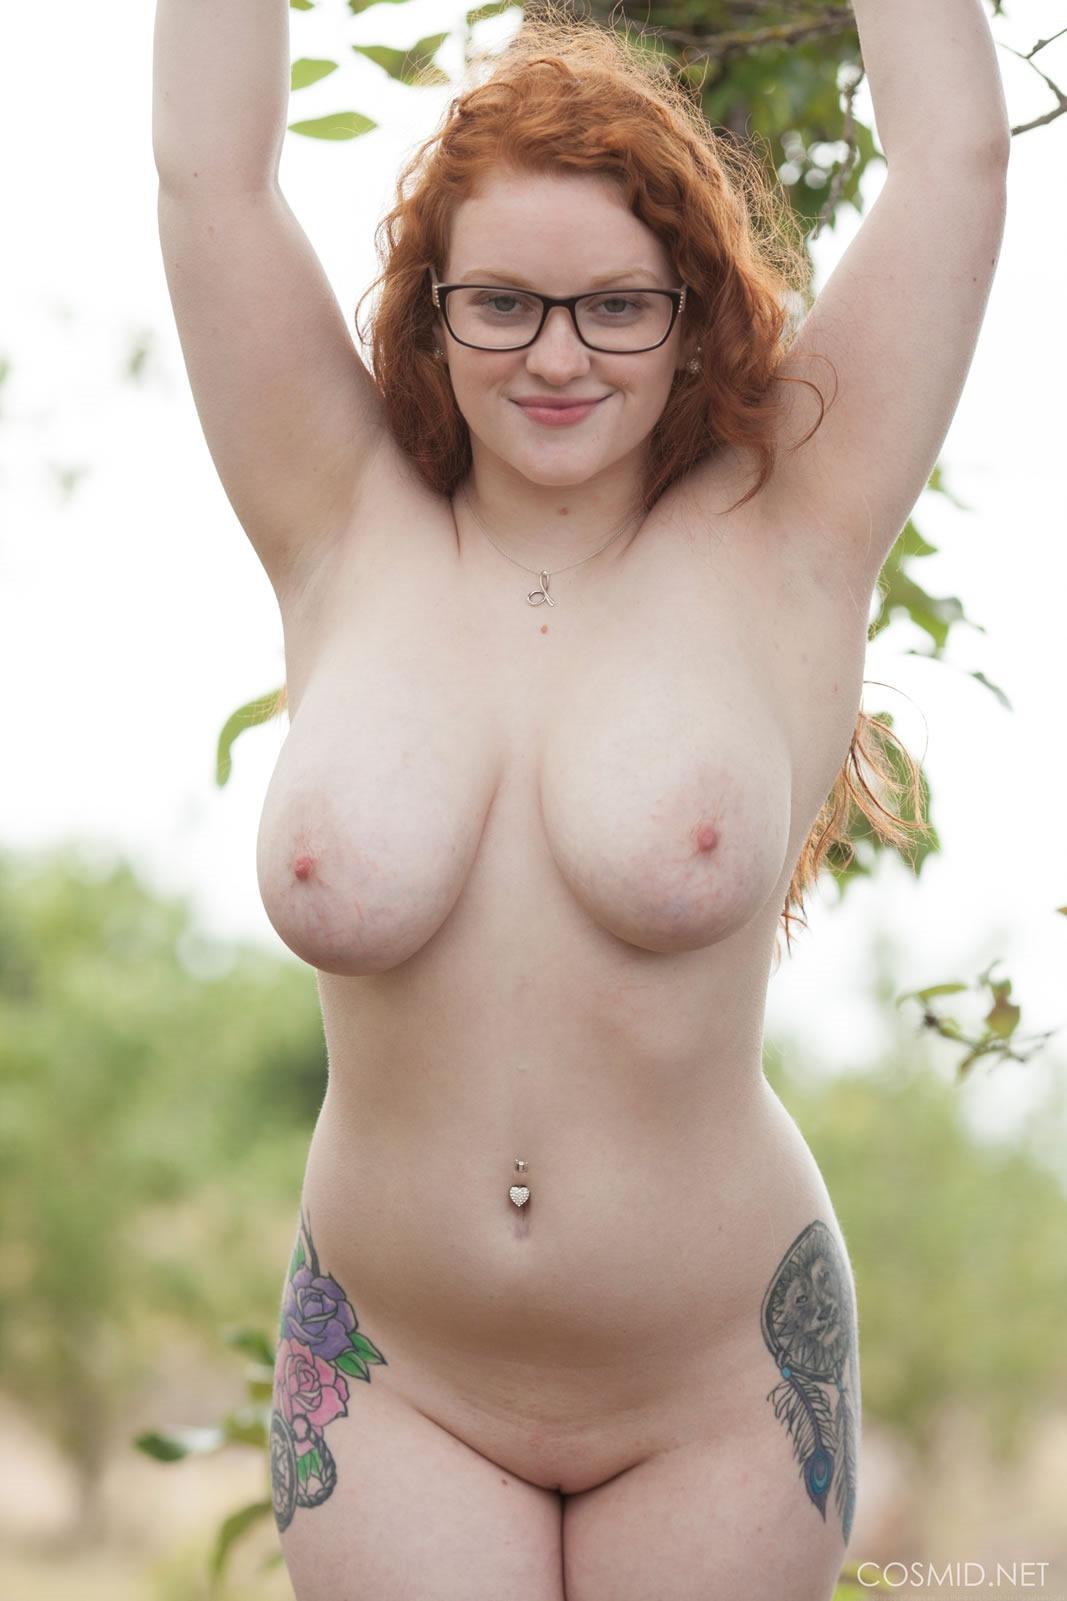 April Dawn Porn Boob Wash angye anny smiles april dawn kattelovely kaycee barnes